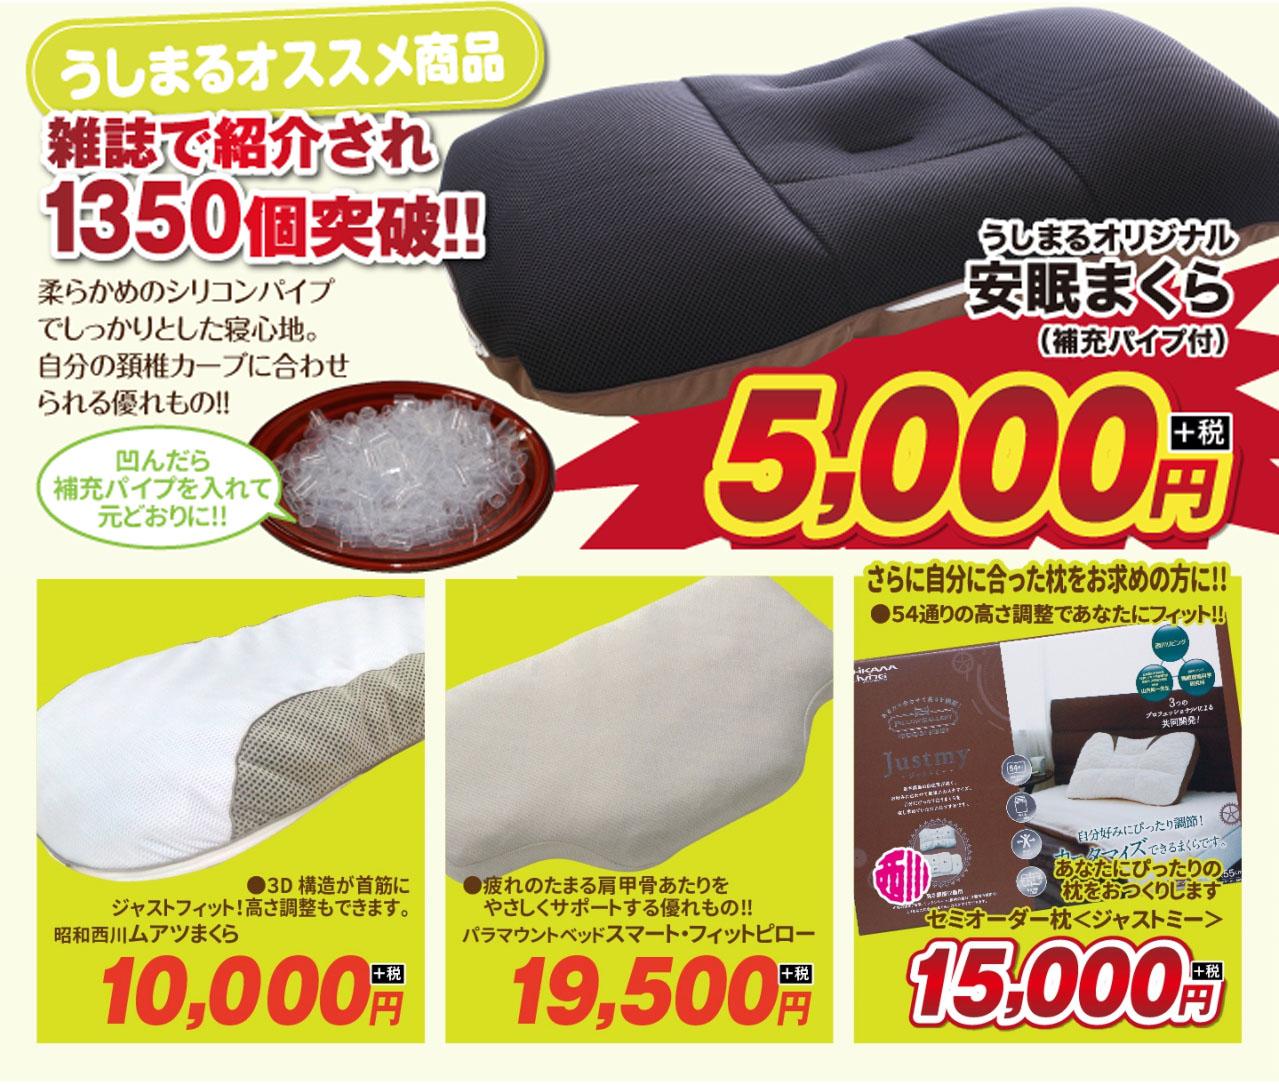 うしまるオリジナル安眠まくら、パラマウントベッドスマートフィットピロー、B-AIR枕、セミオーダー枕 ジャストミー